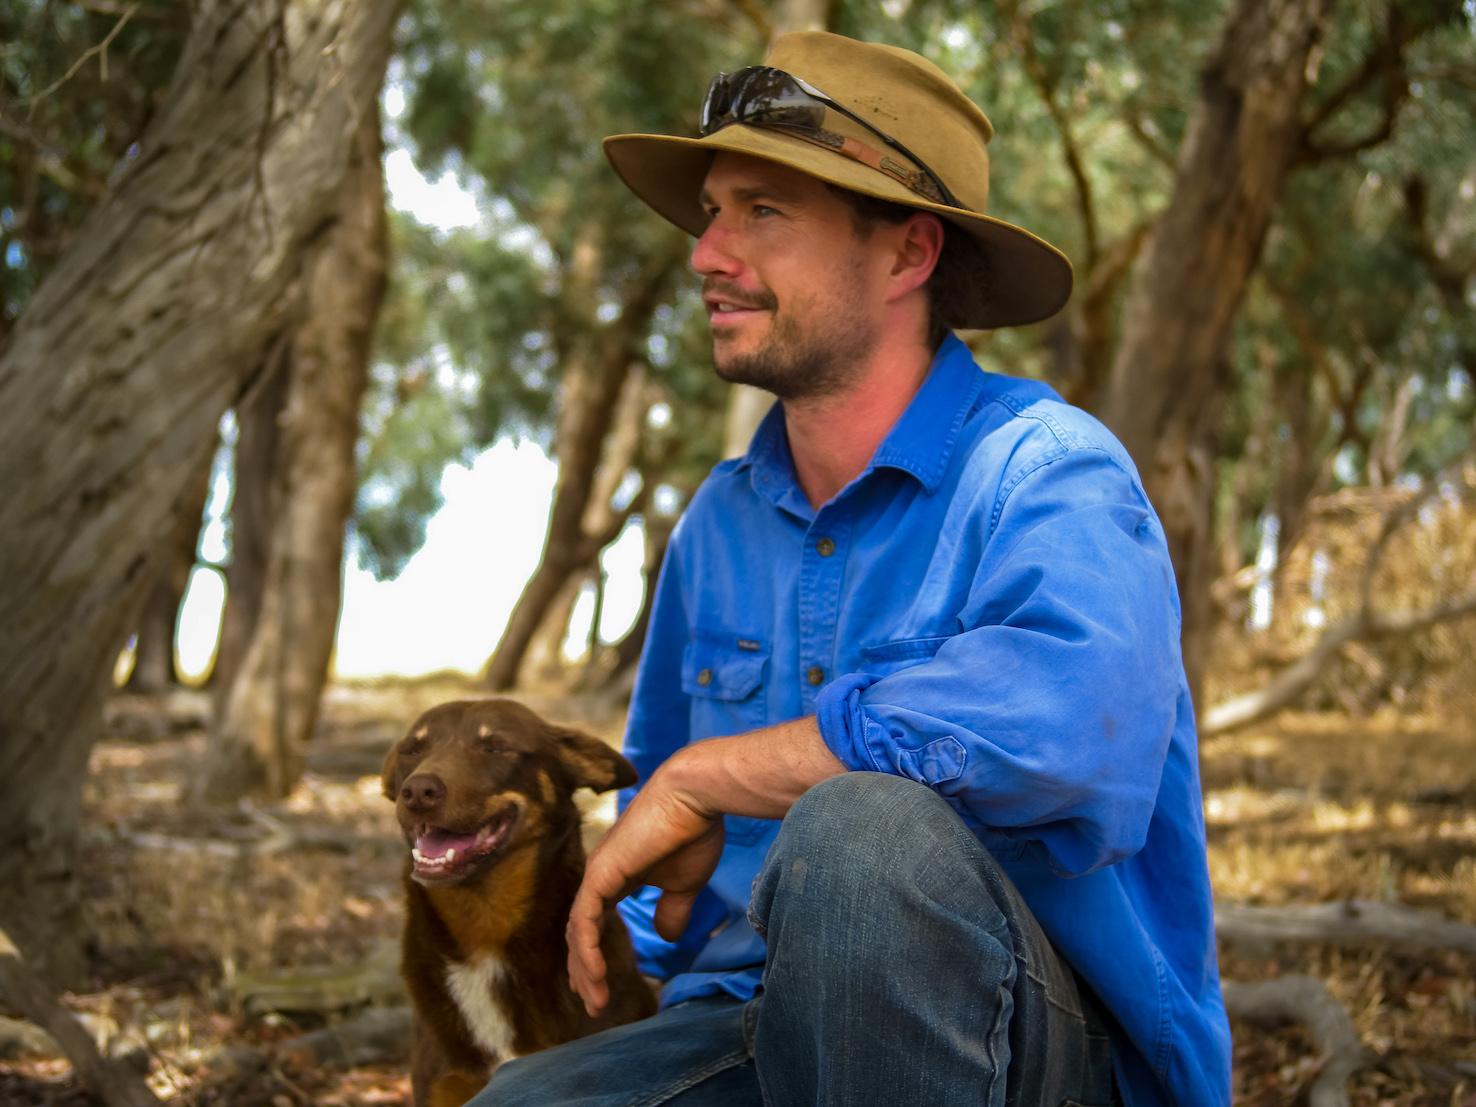 Charlie Heal, longtime user of farm livestock management app, Mobble.